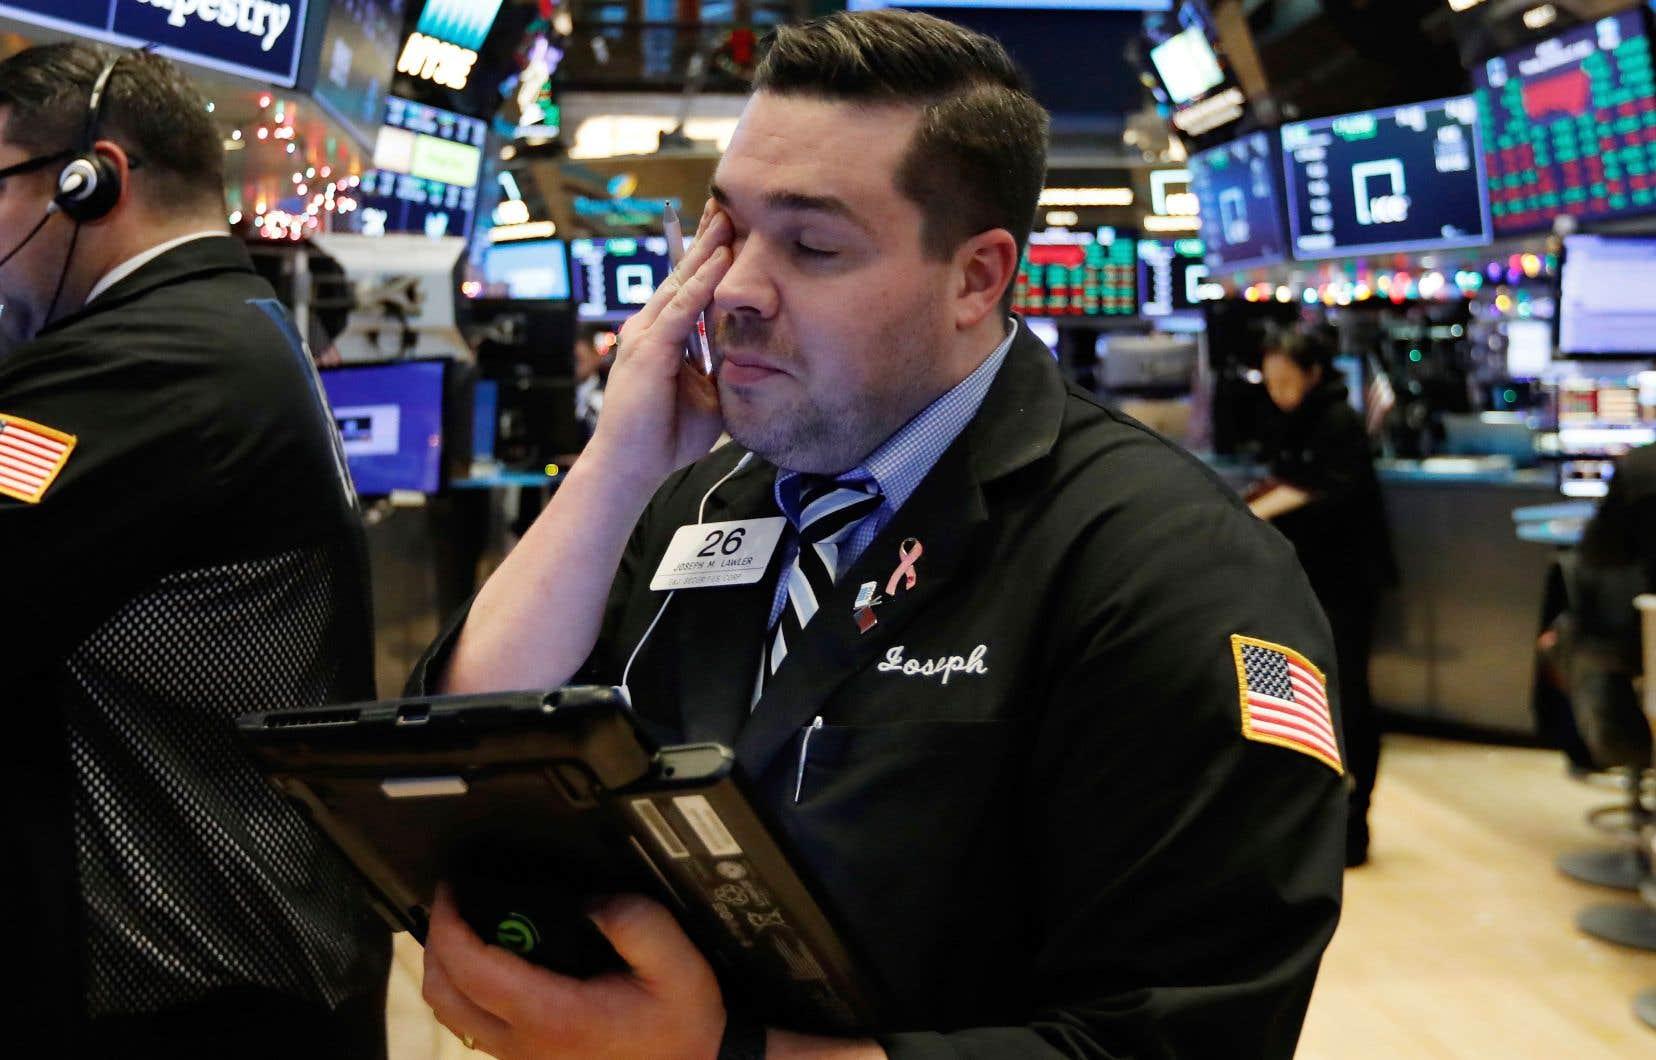 Le S&P 500 a gagné 0,9% à 2448,83, l'indice Dow Jones a grimpé de 1,1% à 23138,82 et le Nasdaq a pris 0,4% à 6288,30.